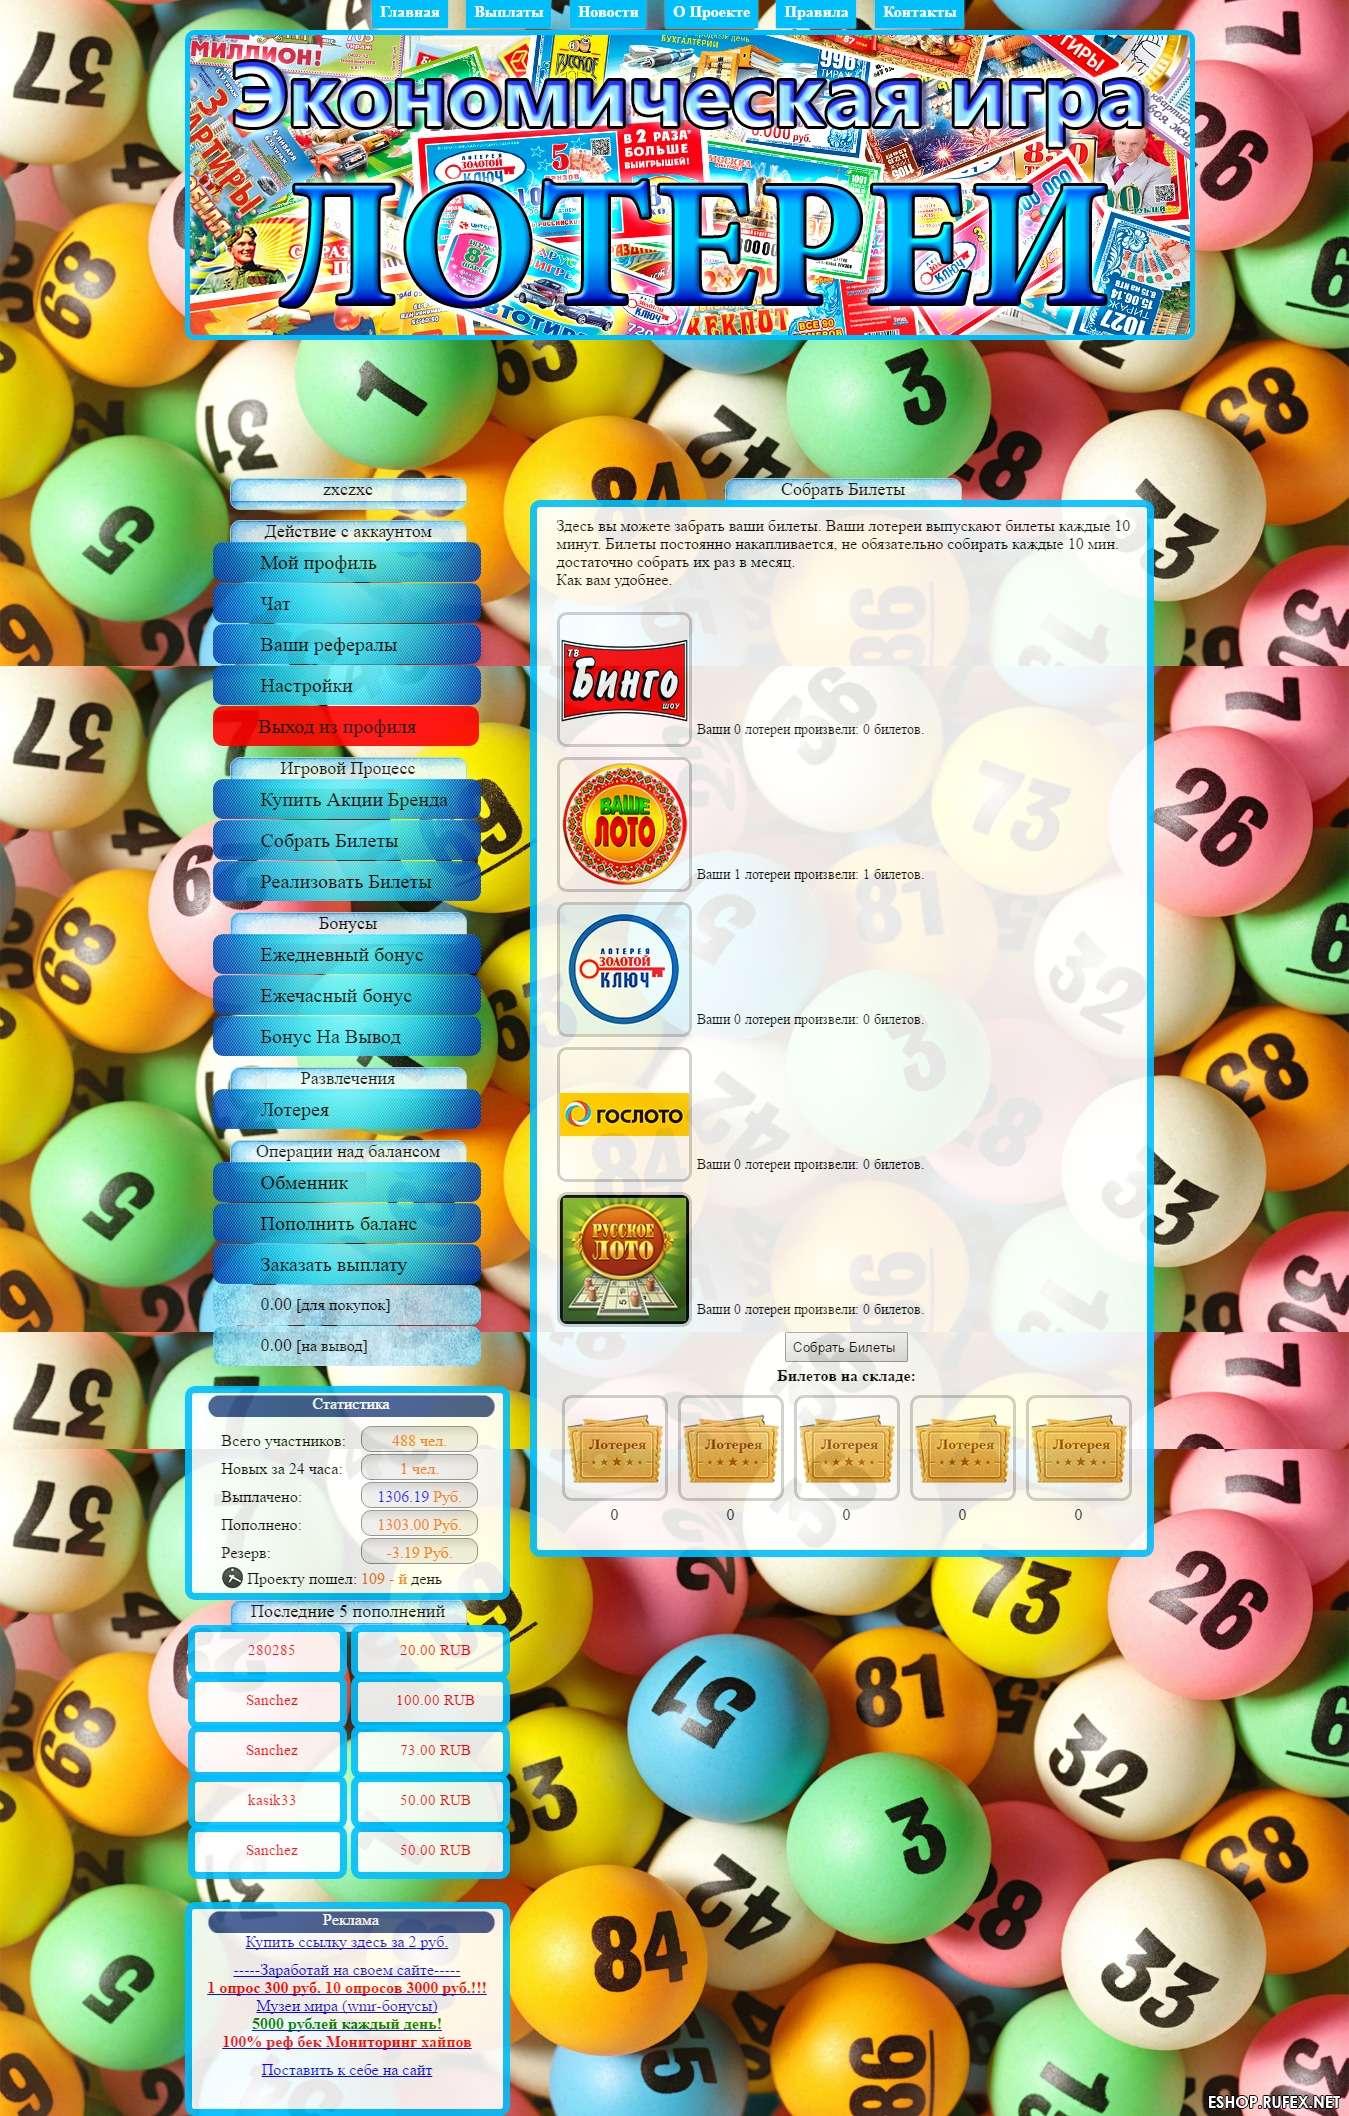 Иностранные лотерейные игры для россиян | big lottos